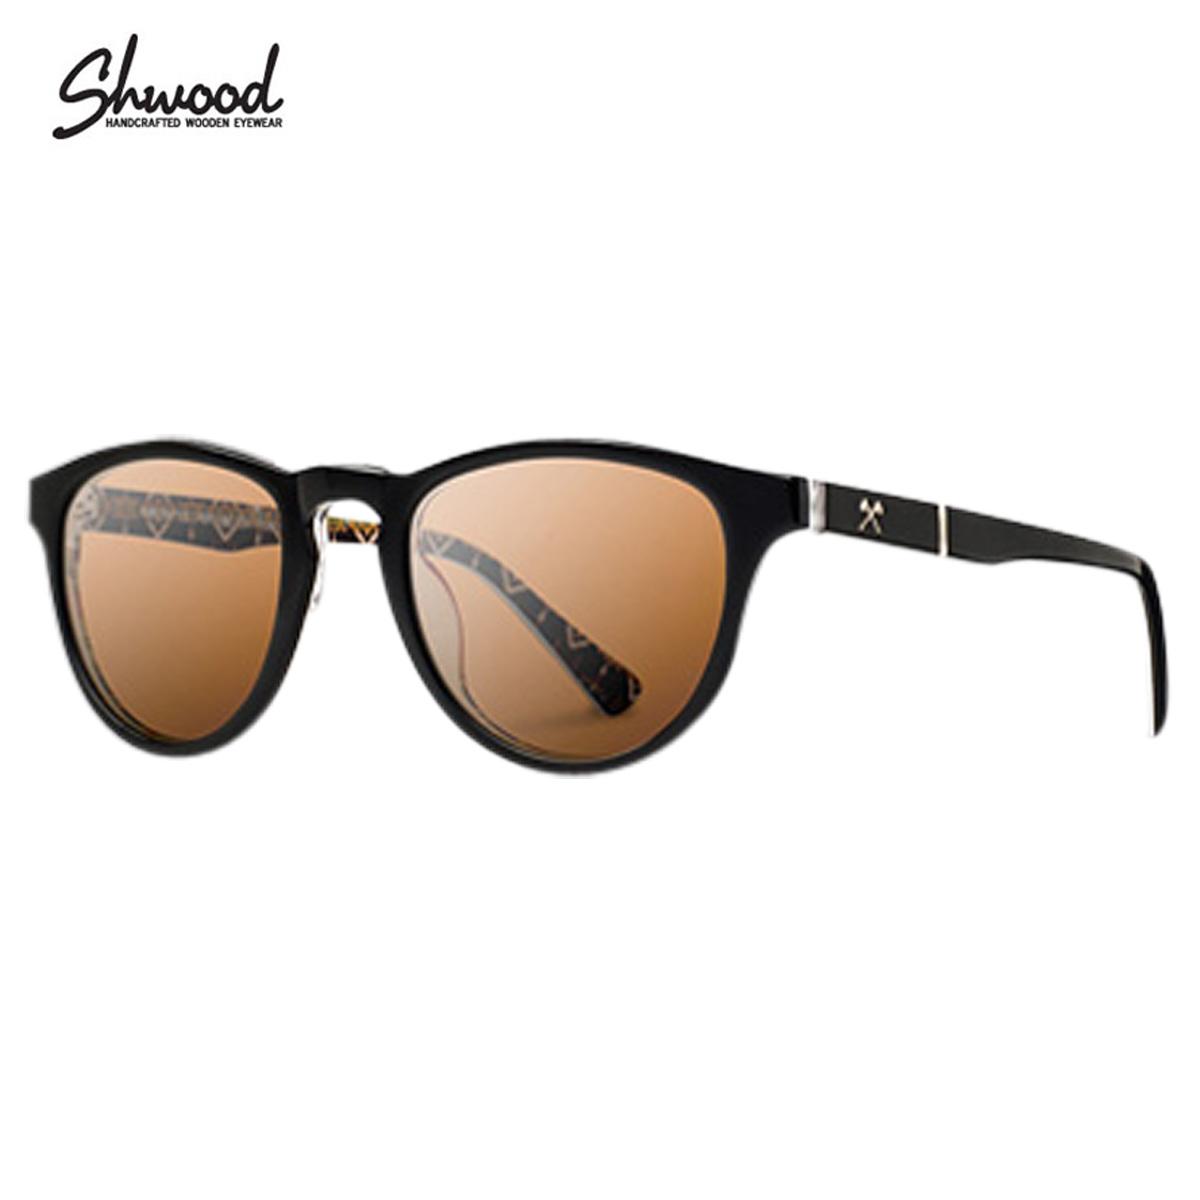 シュウッド Shwood サングラス ペンドルトン コラボ ハンドメイド アメリカ製 木製 メンズ レディース